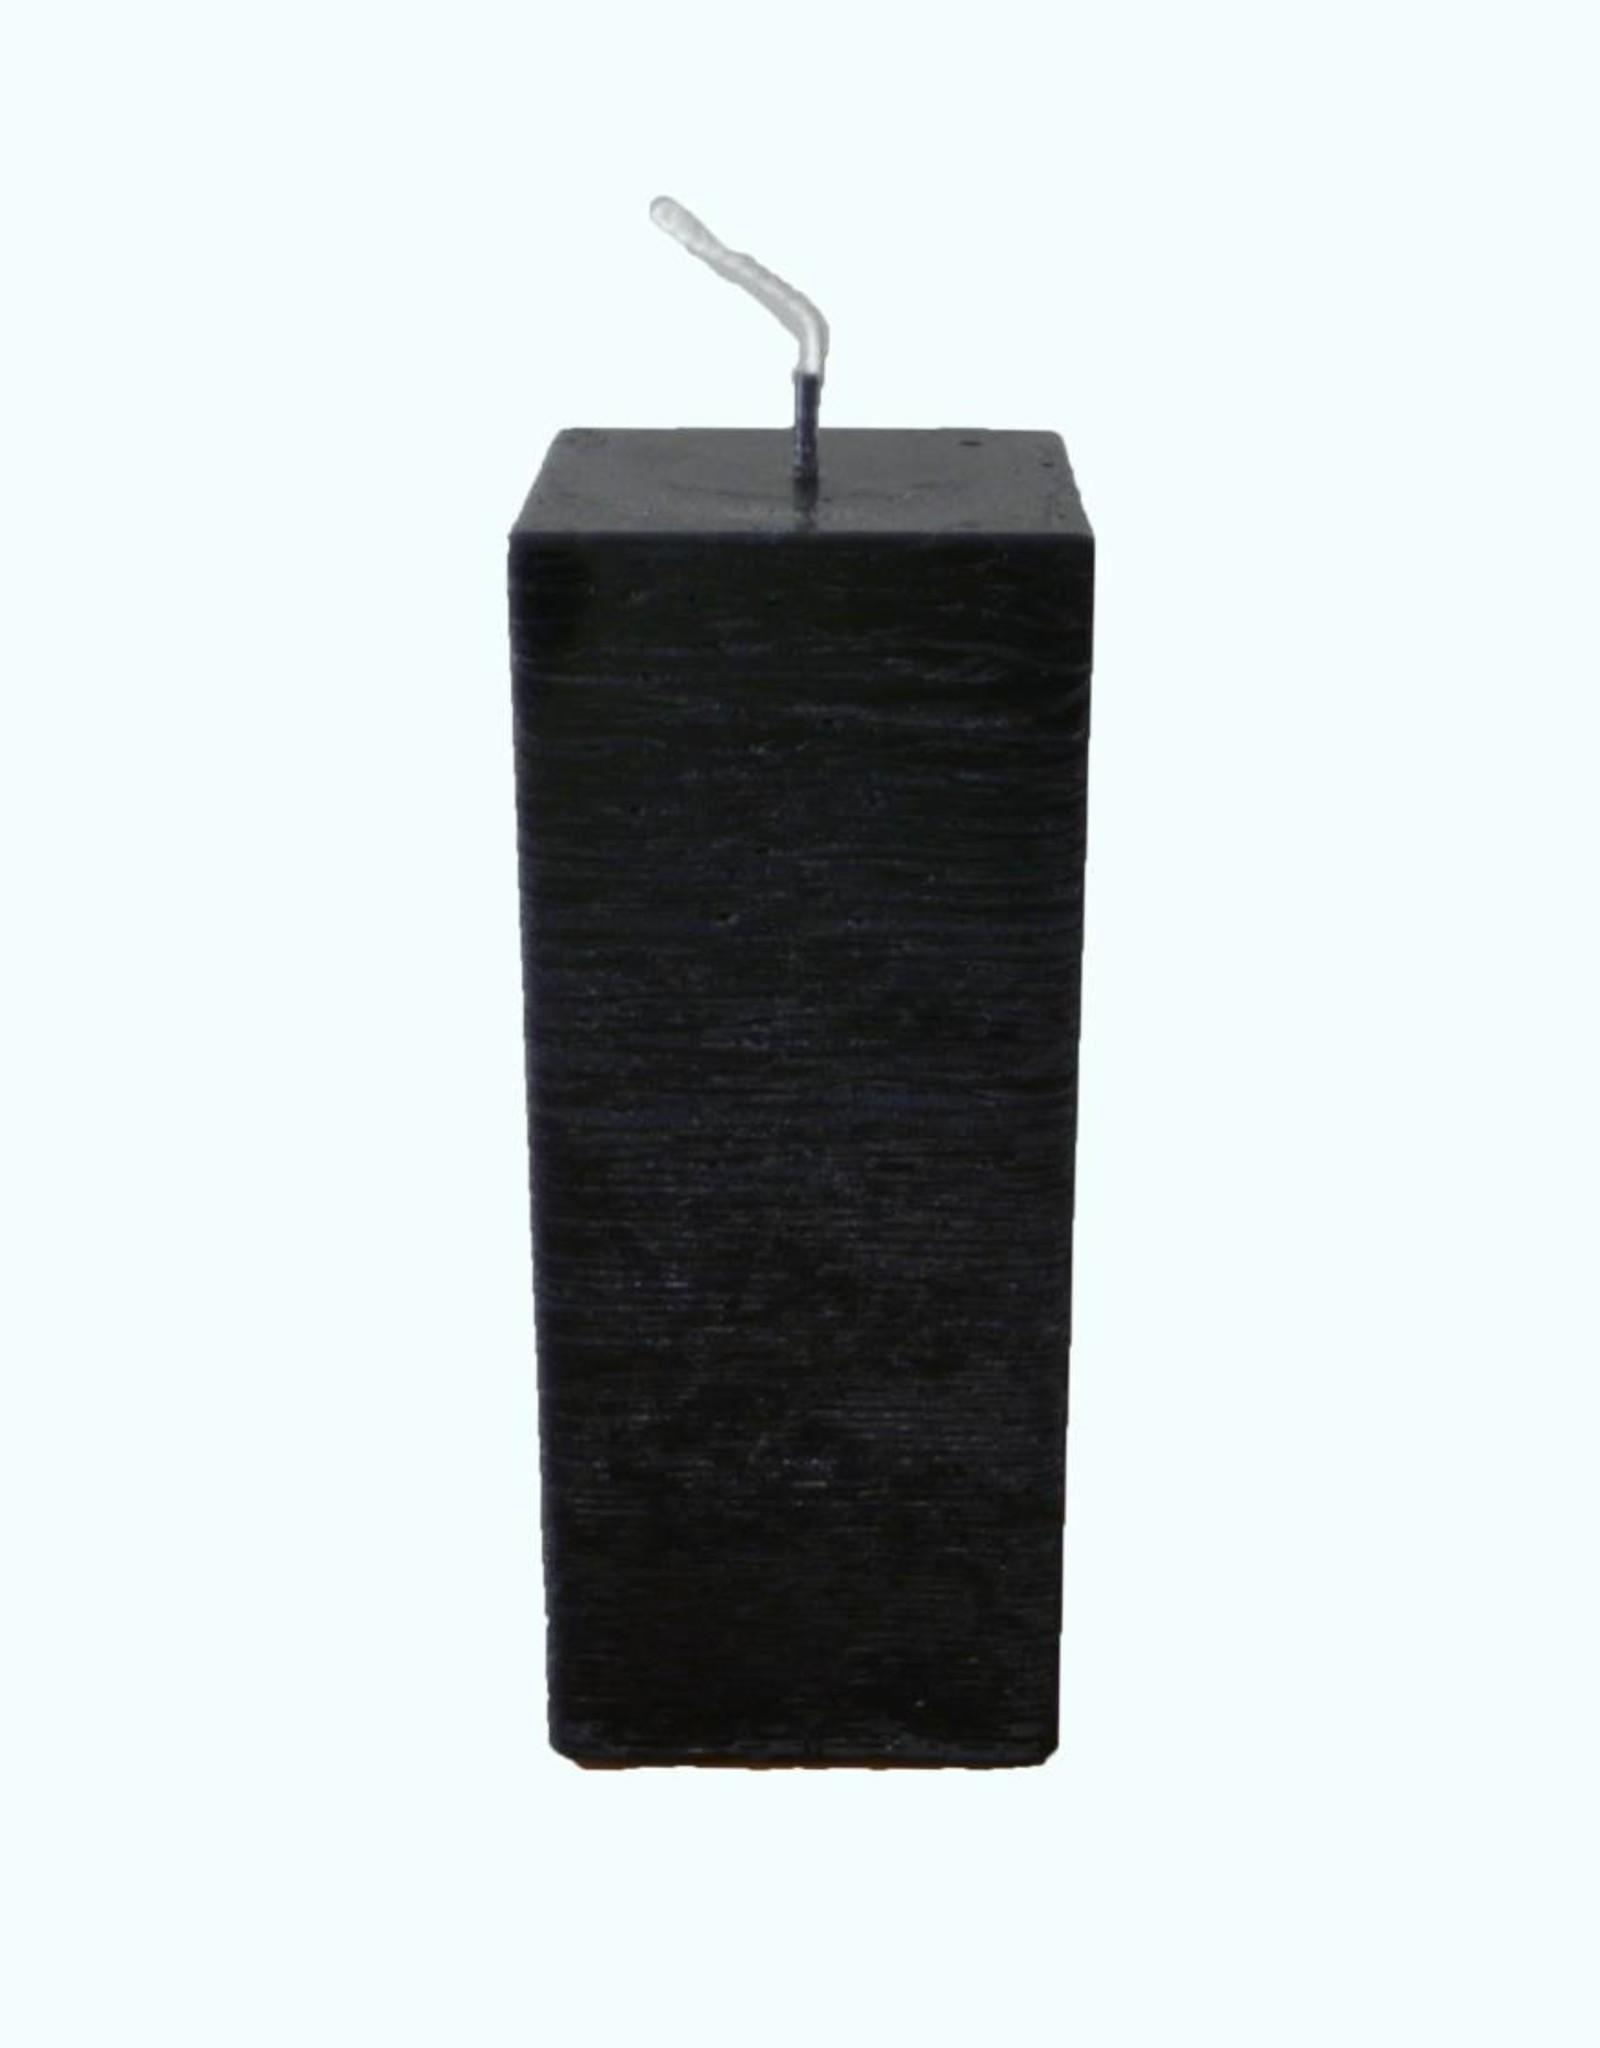 Zwarte vierkante kaars van hoge kwaliteit